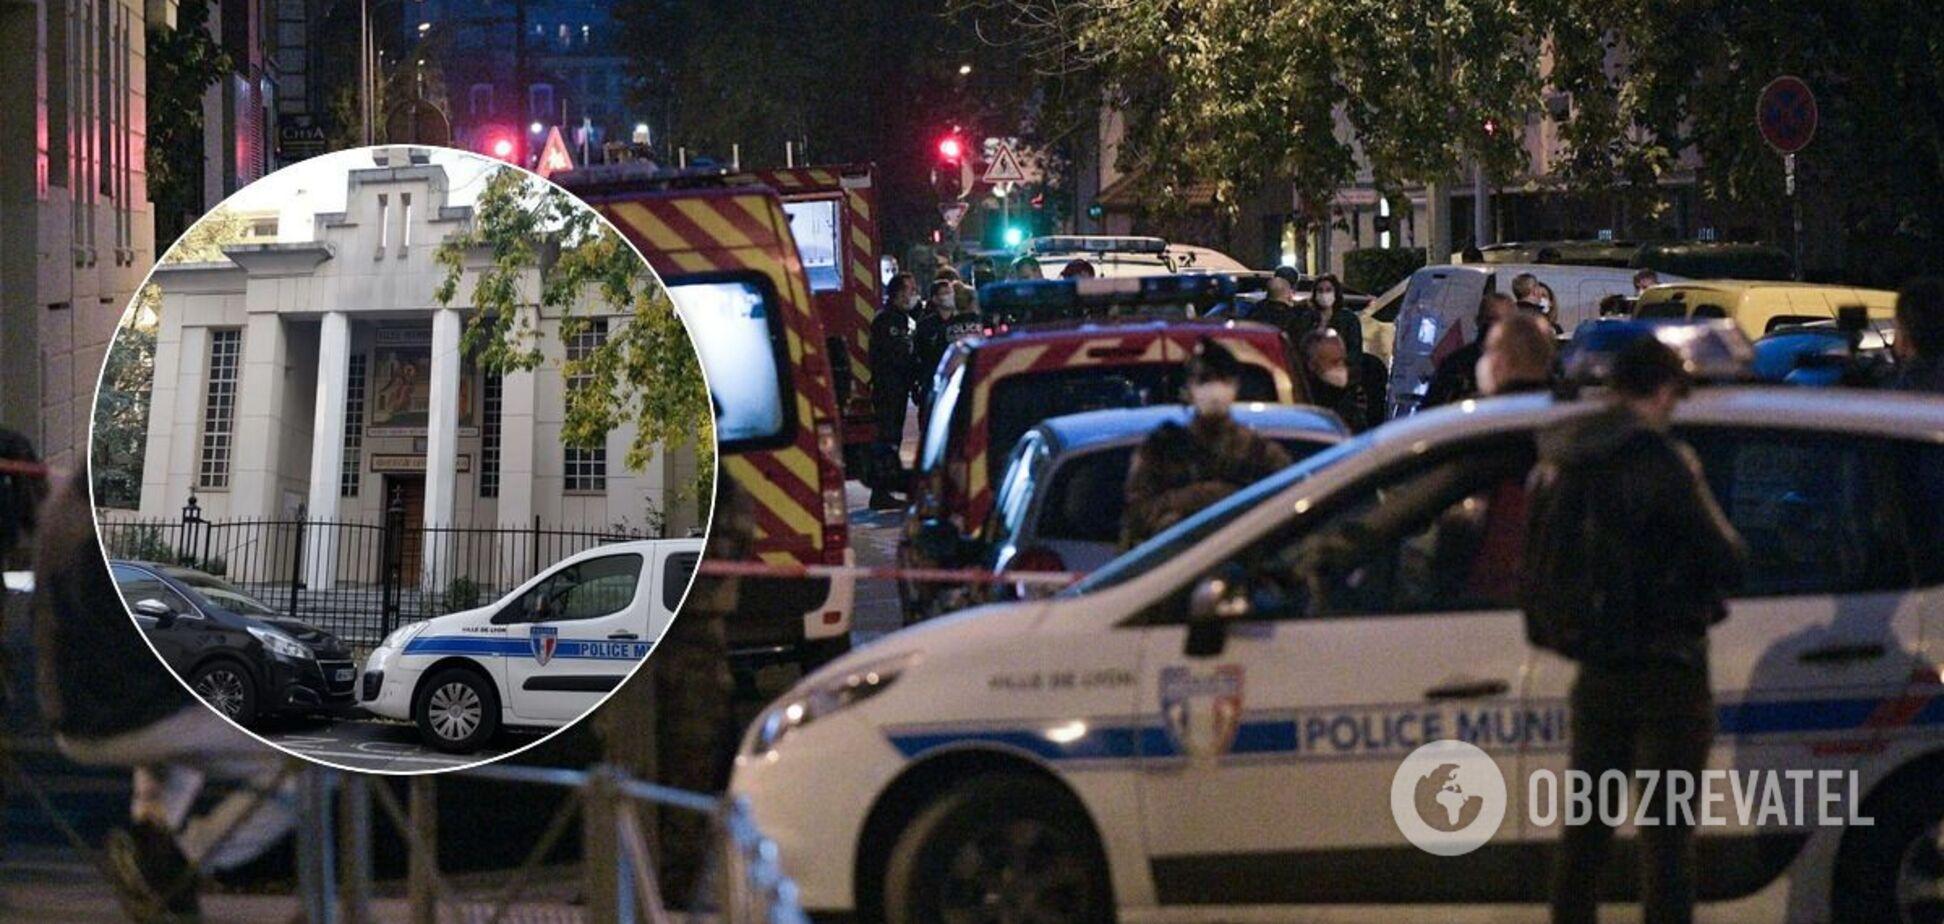 Підозрюваний у нападі на священника в Ліоні затриманий